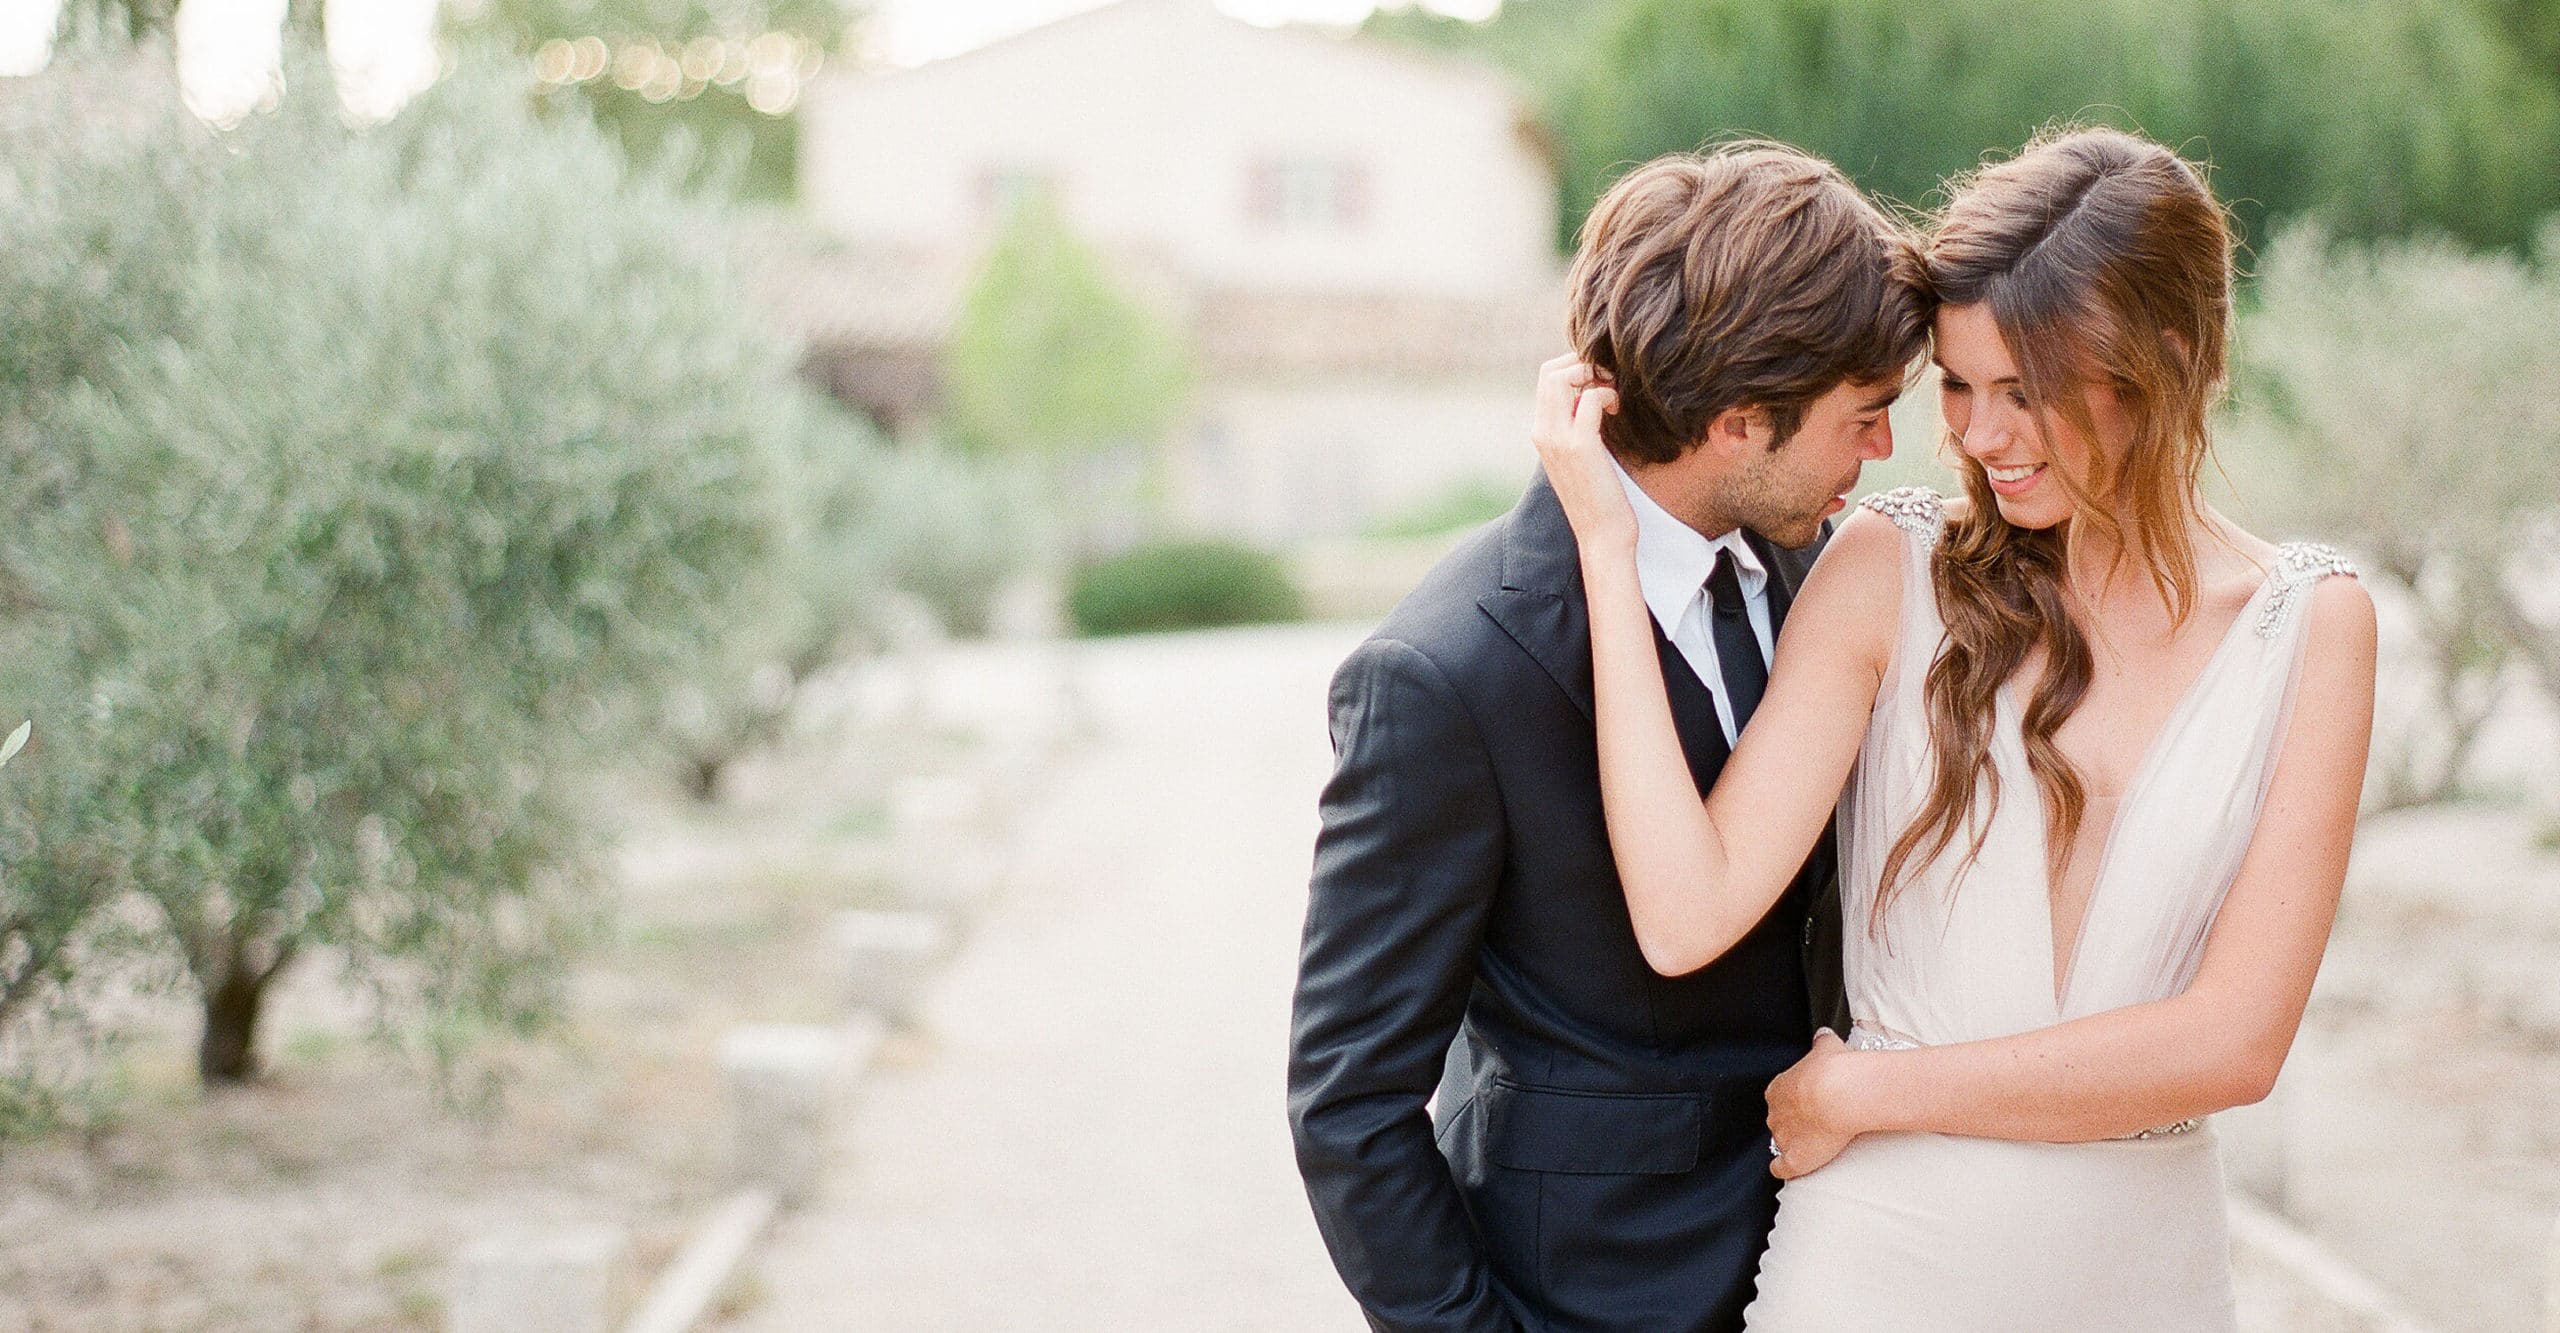 provence photographer - huwelijksfotograaf